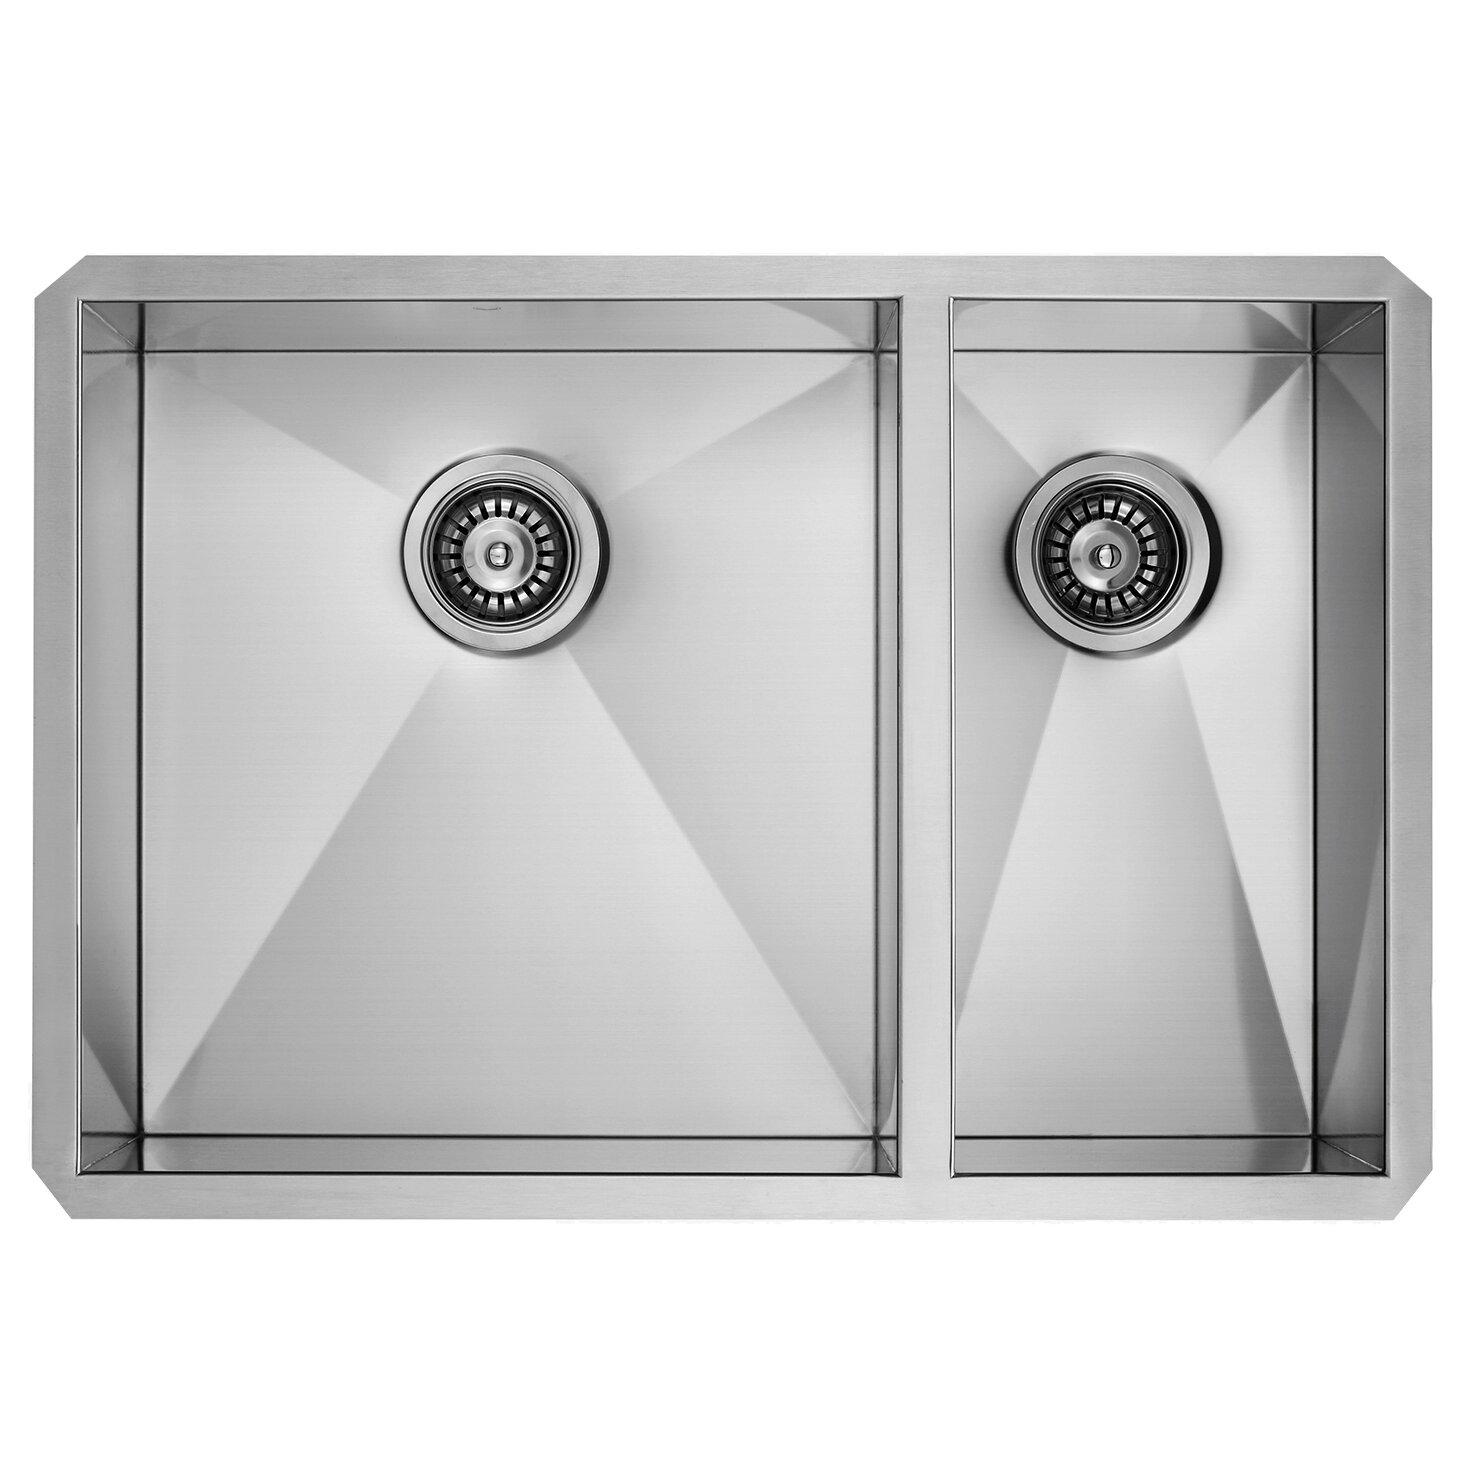 25 inch undermount kitchen sink inspirational kindred undermount kitchen sinks   taste  rh   thetasteemaker com